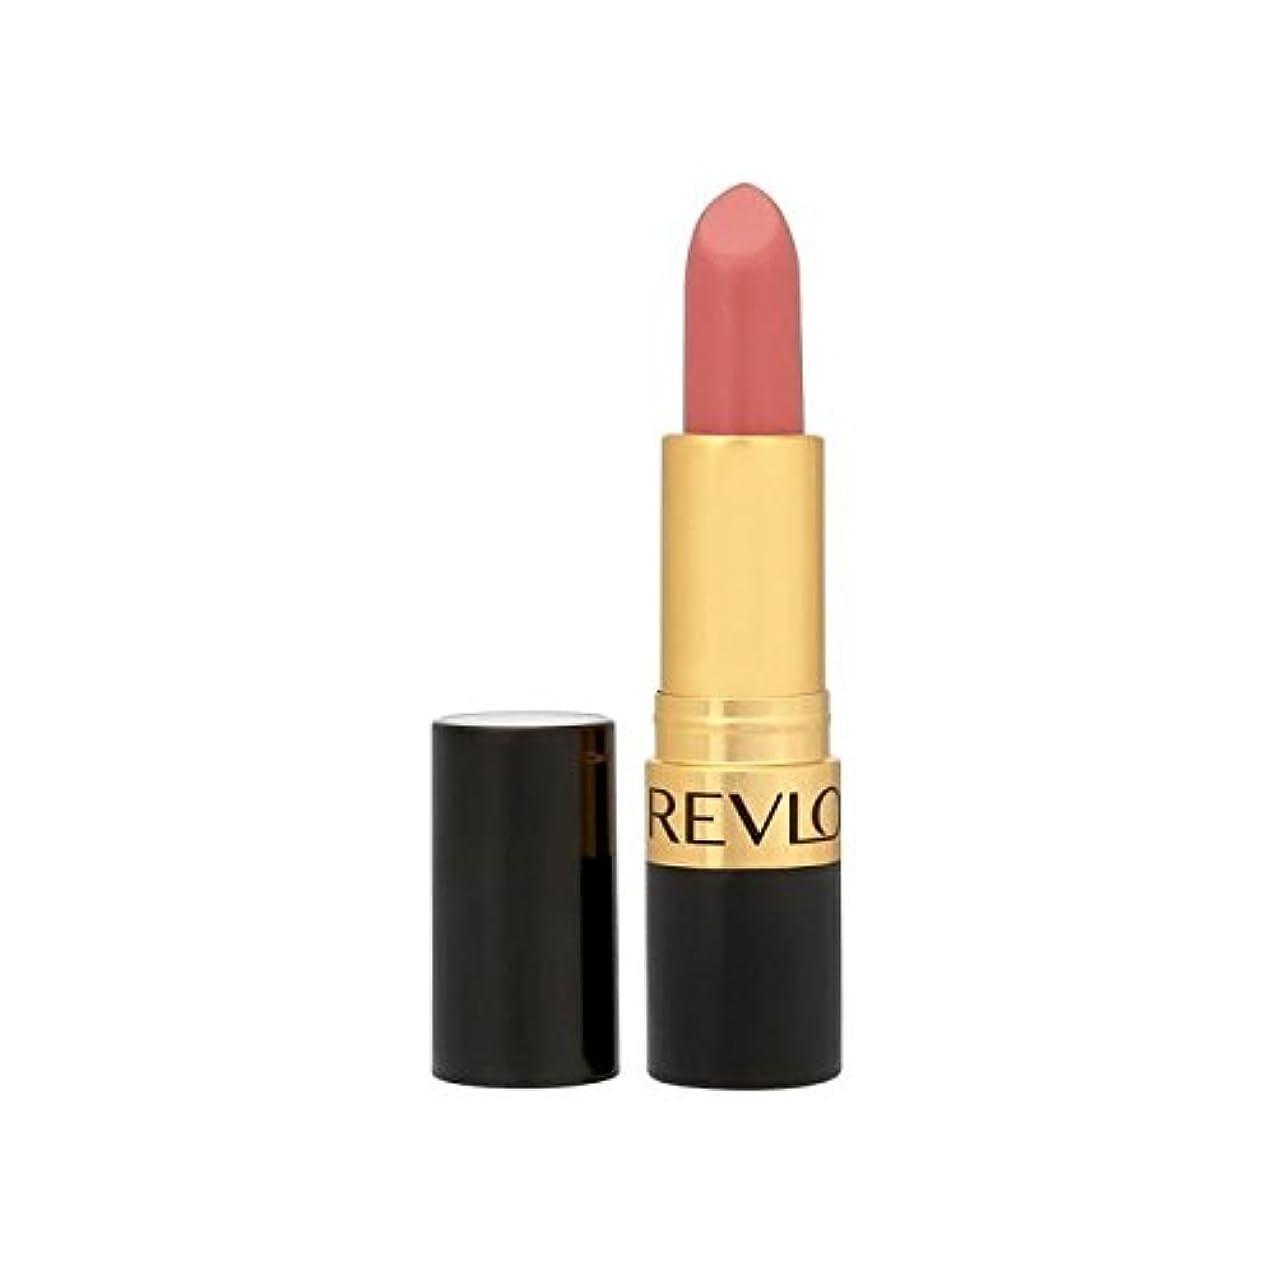 好意的稚魚略語Revlon Super Lustrous Lipstick Pink In The Afternoon 415 - 午後415でレブロンスーパー光沢のある口紅ピンク [並行輸入品]